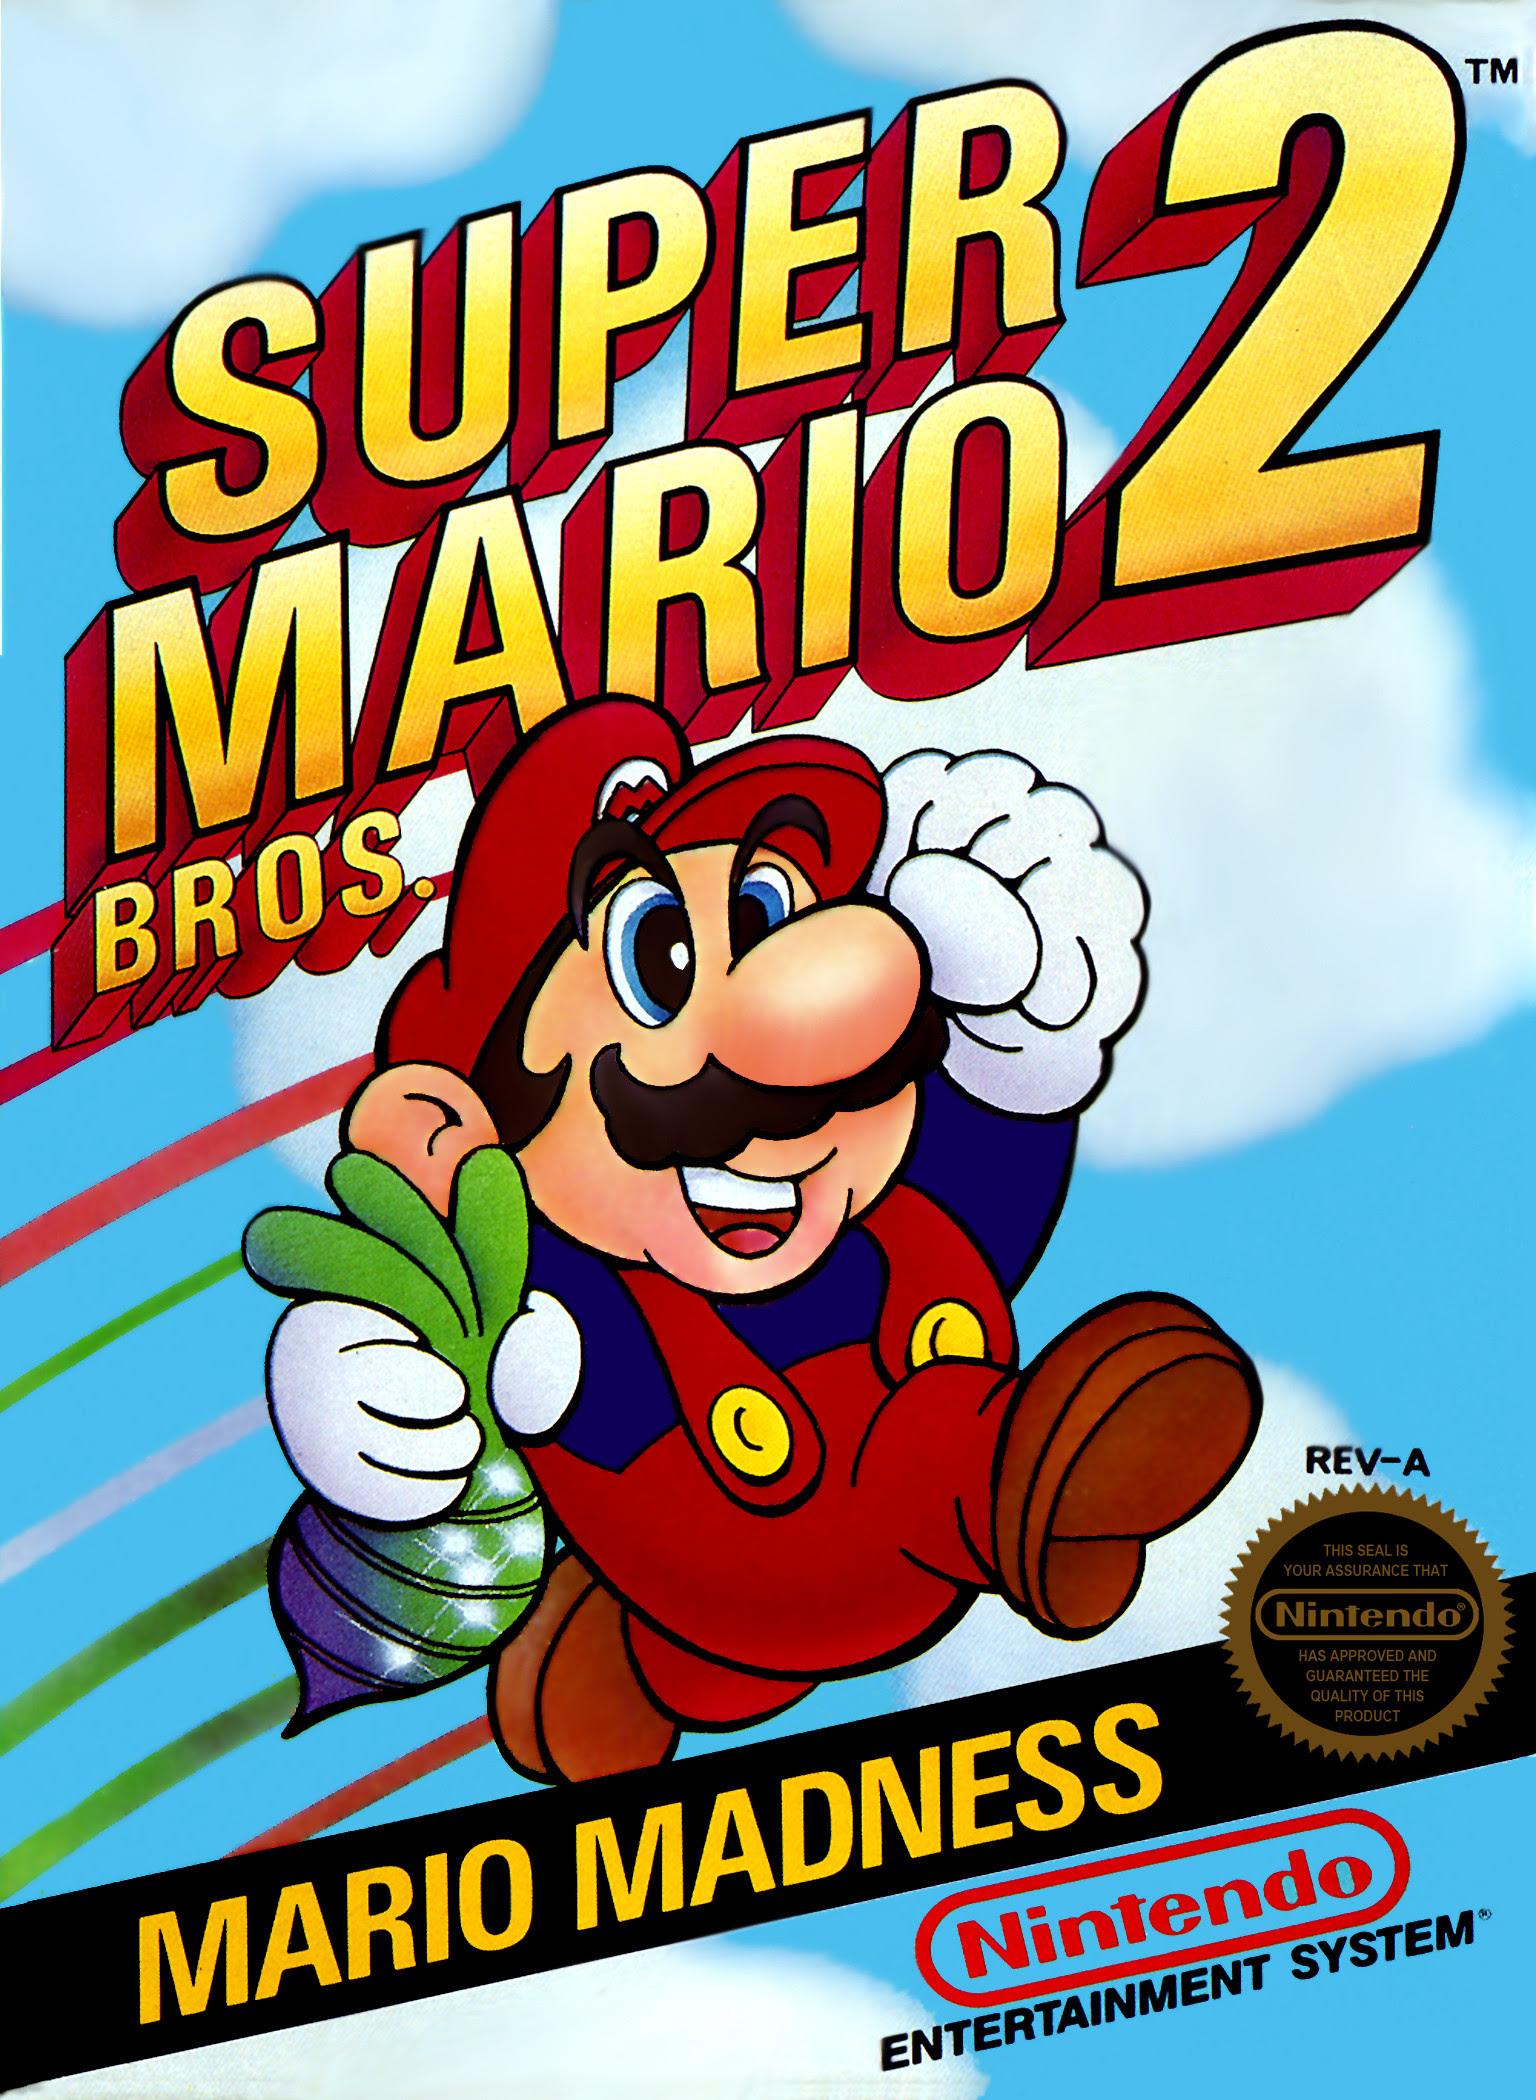 Super Mario Bros Nes Wallpaper 70 Images